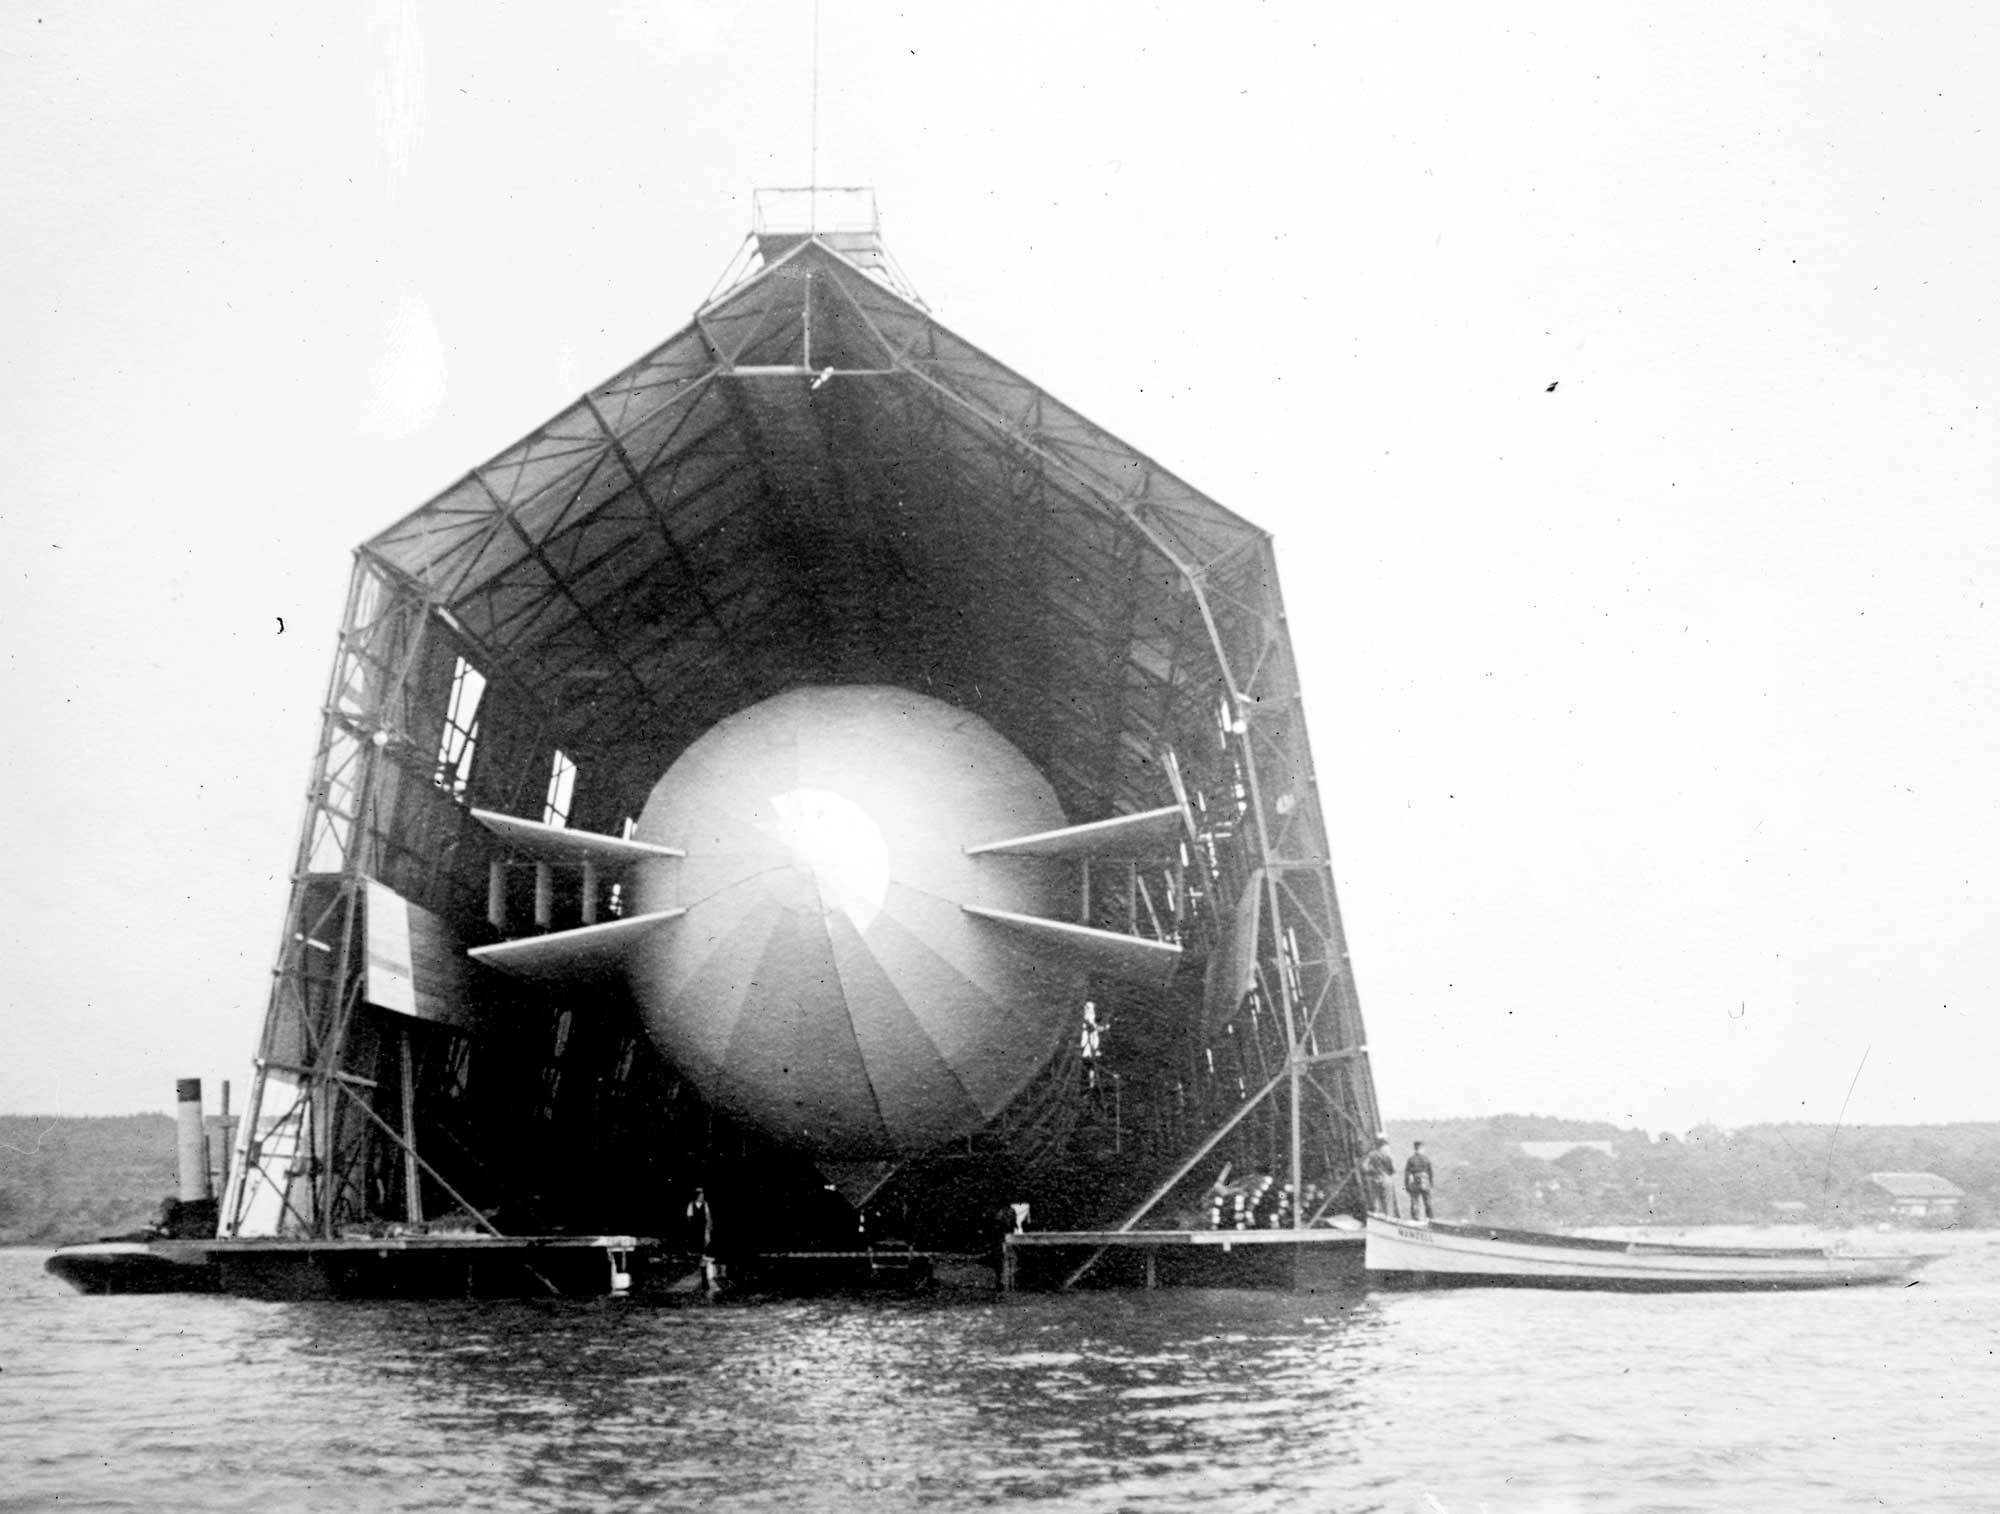 Schwimmende Zeppelinhalle auf dem Bodensee